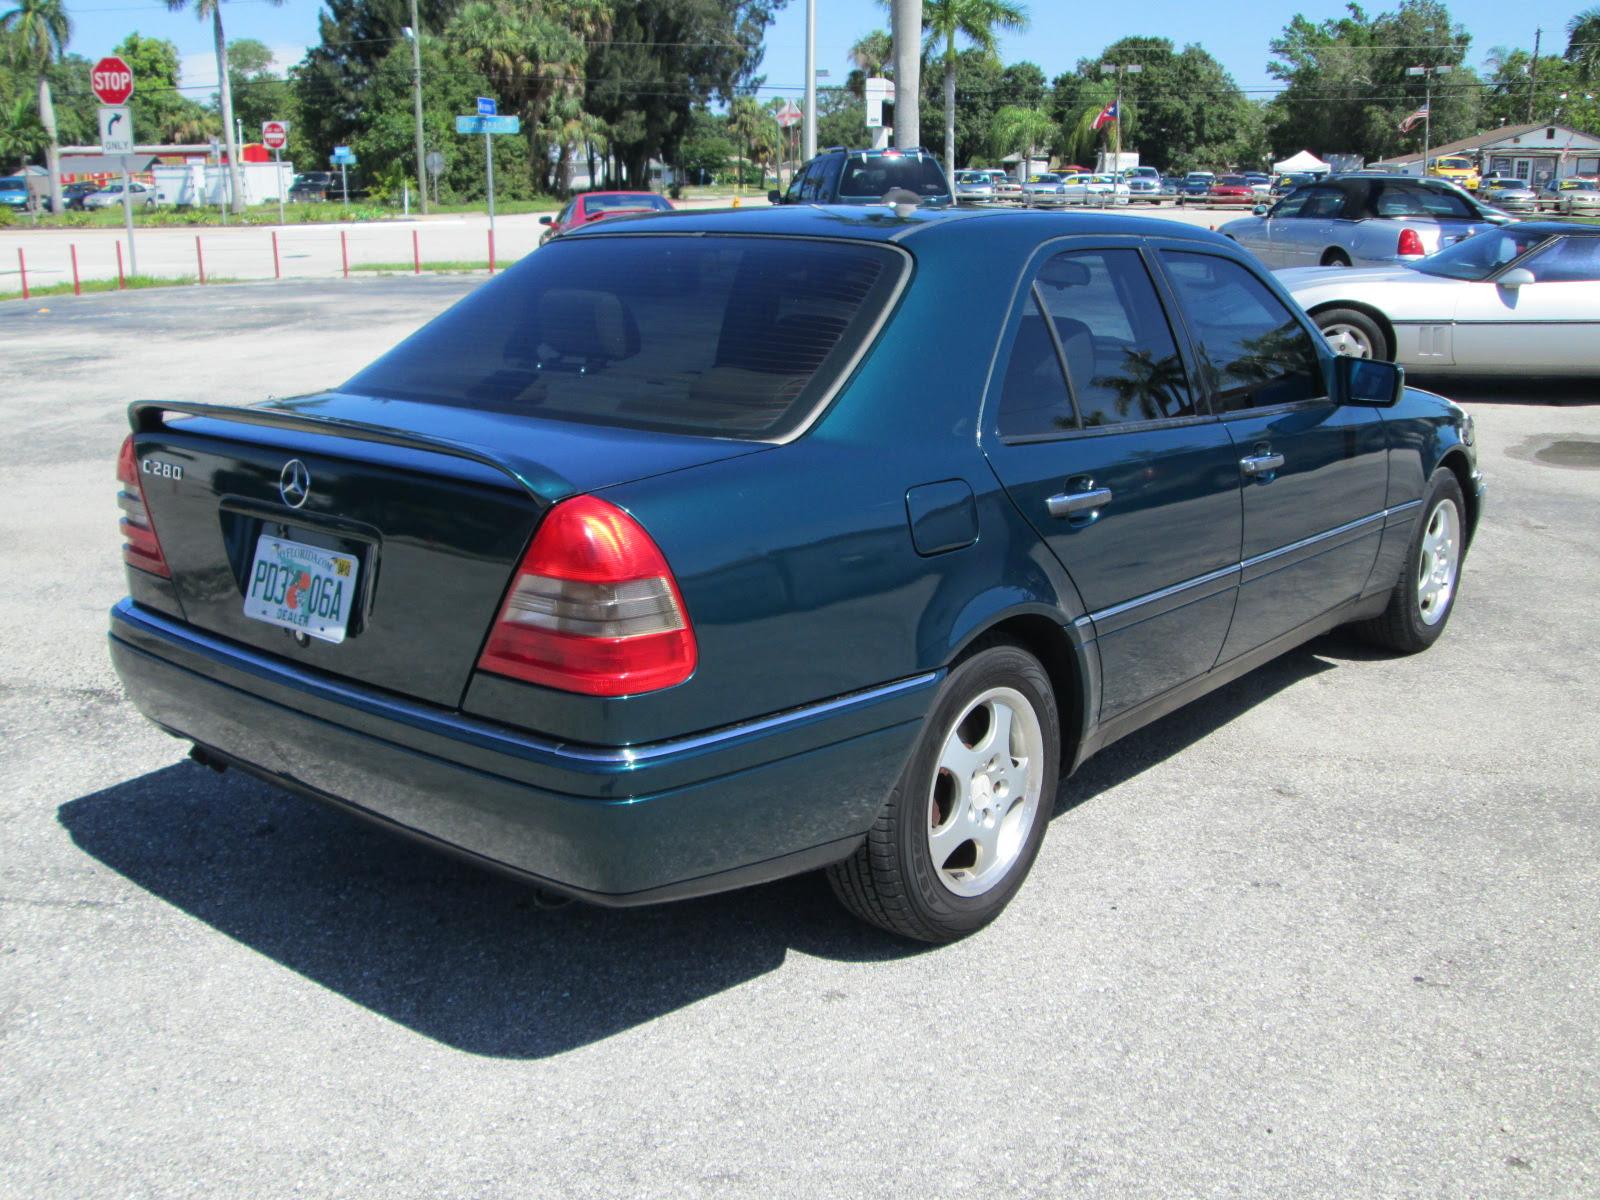 1997 Mercedes-Benz C-Class - Pictures - CarGurus